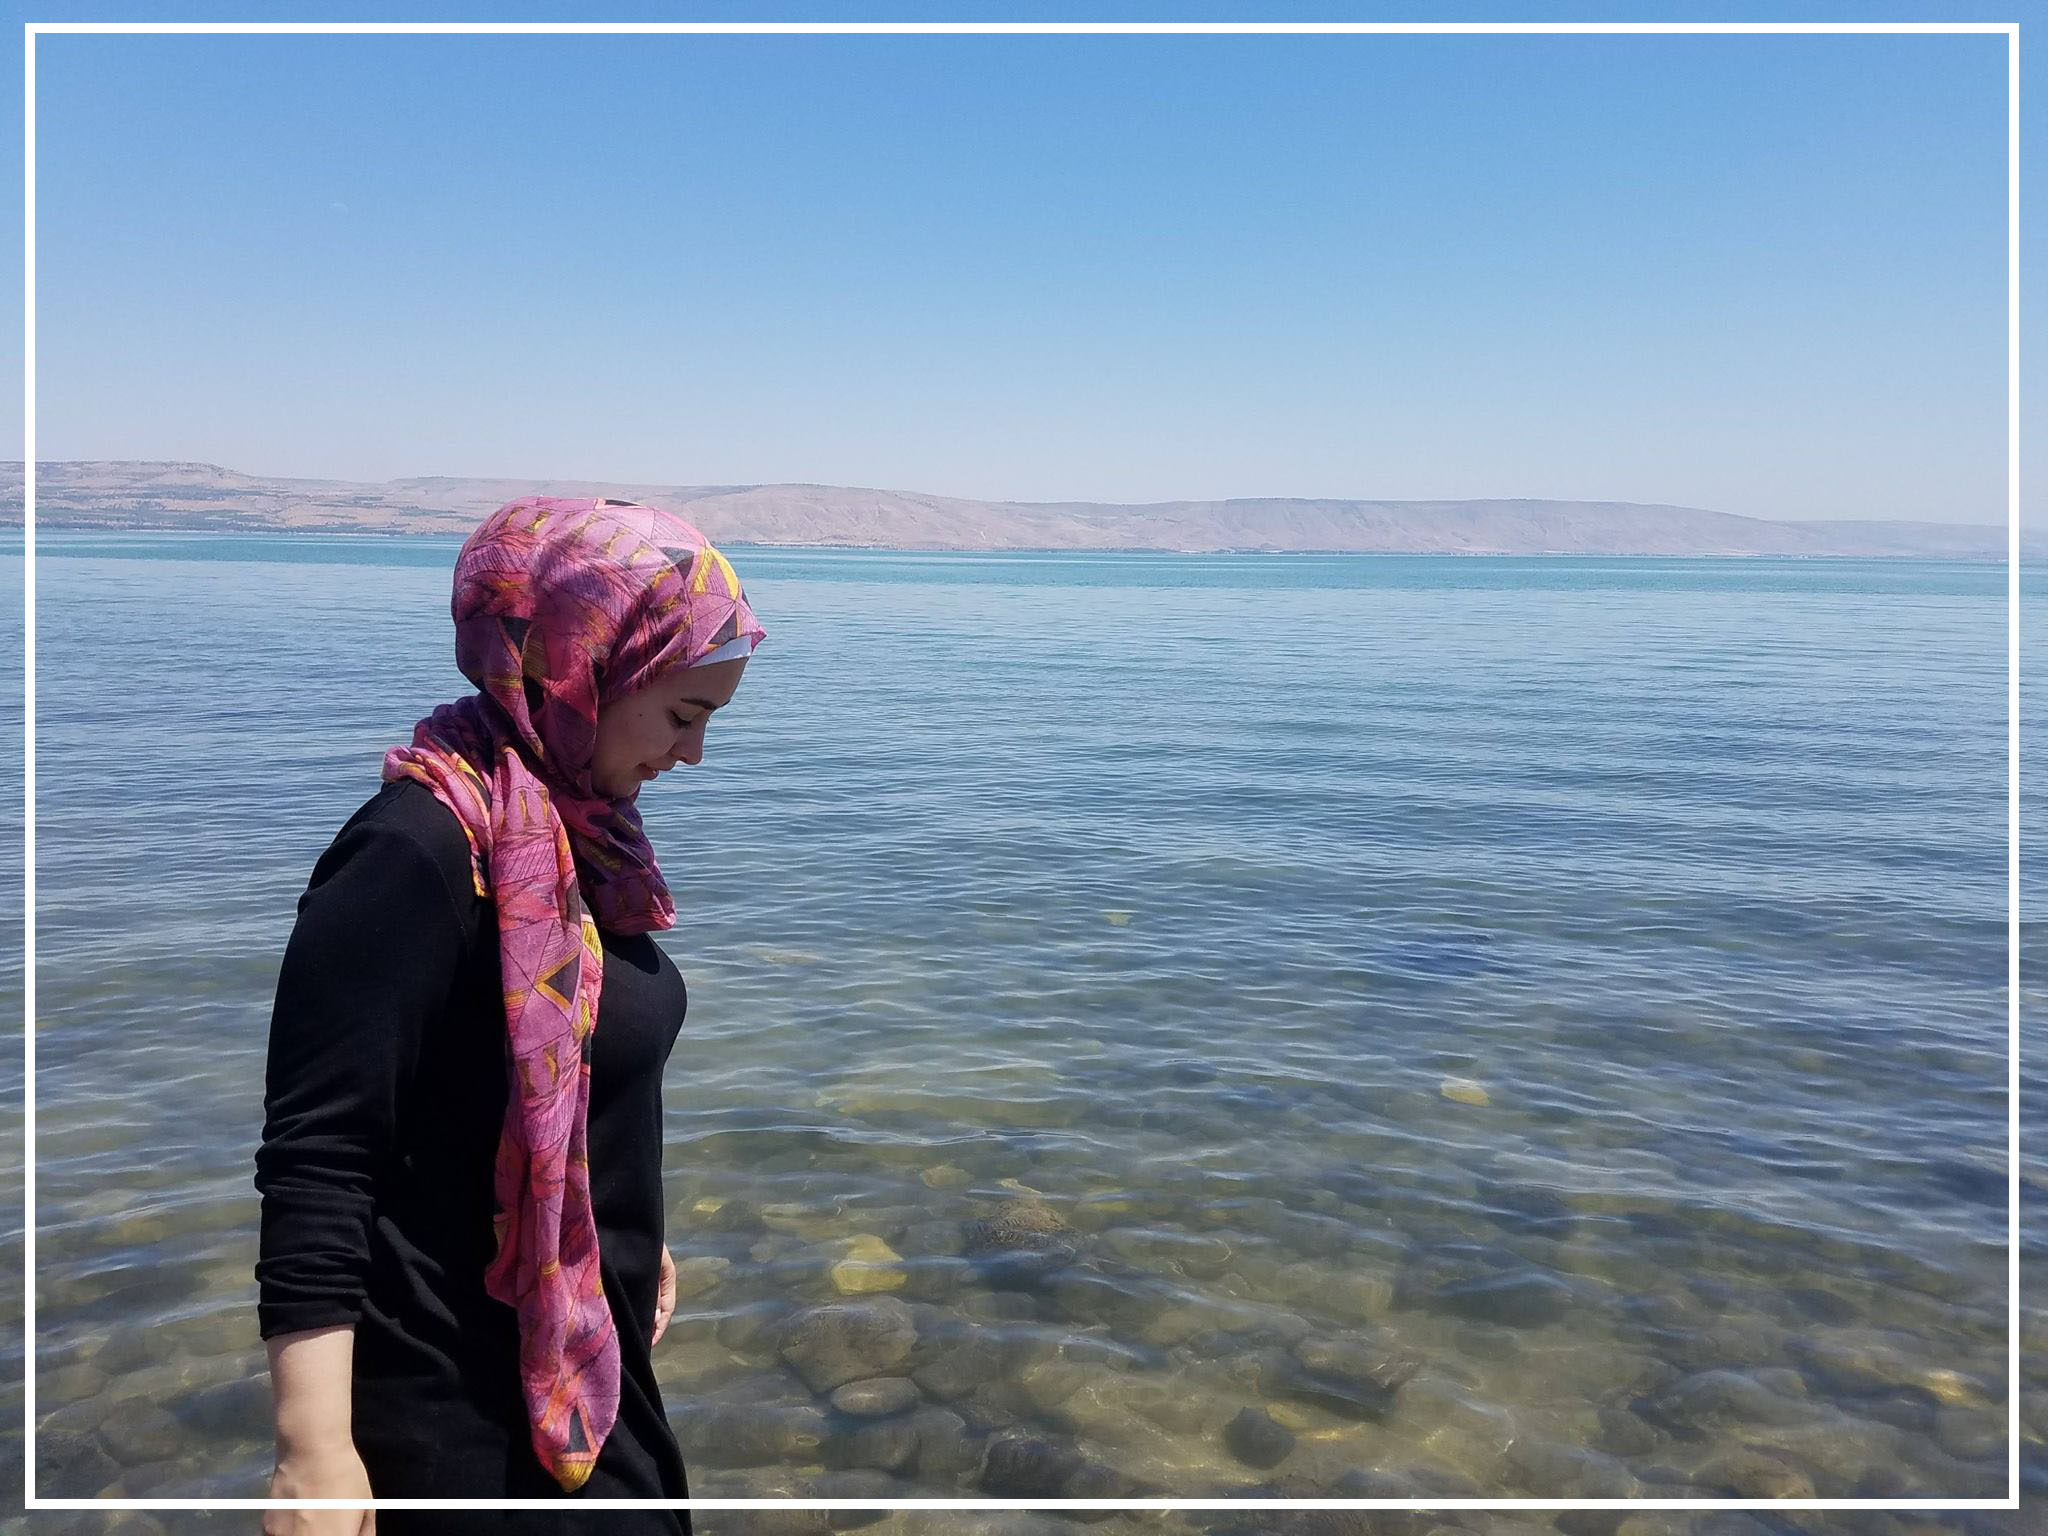 Farah El-Jayyousi